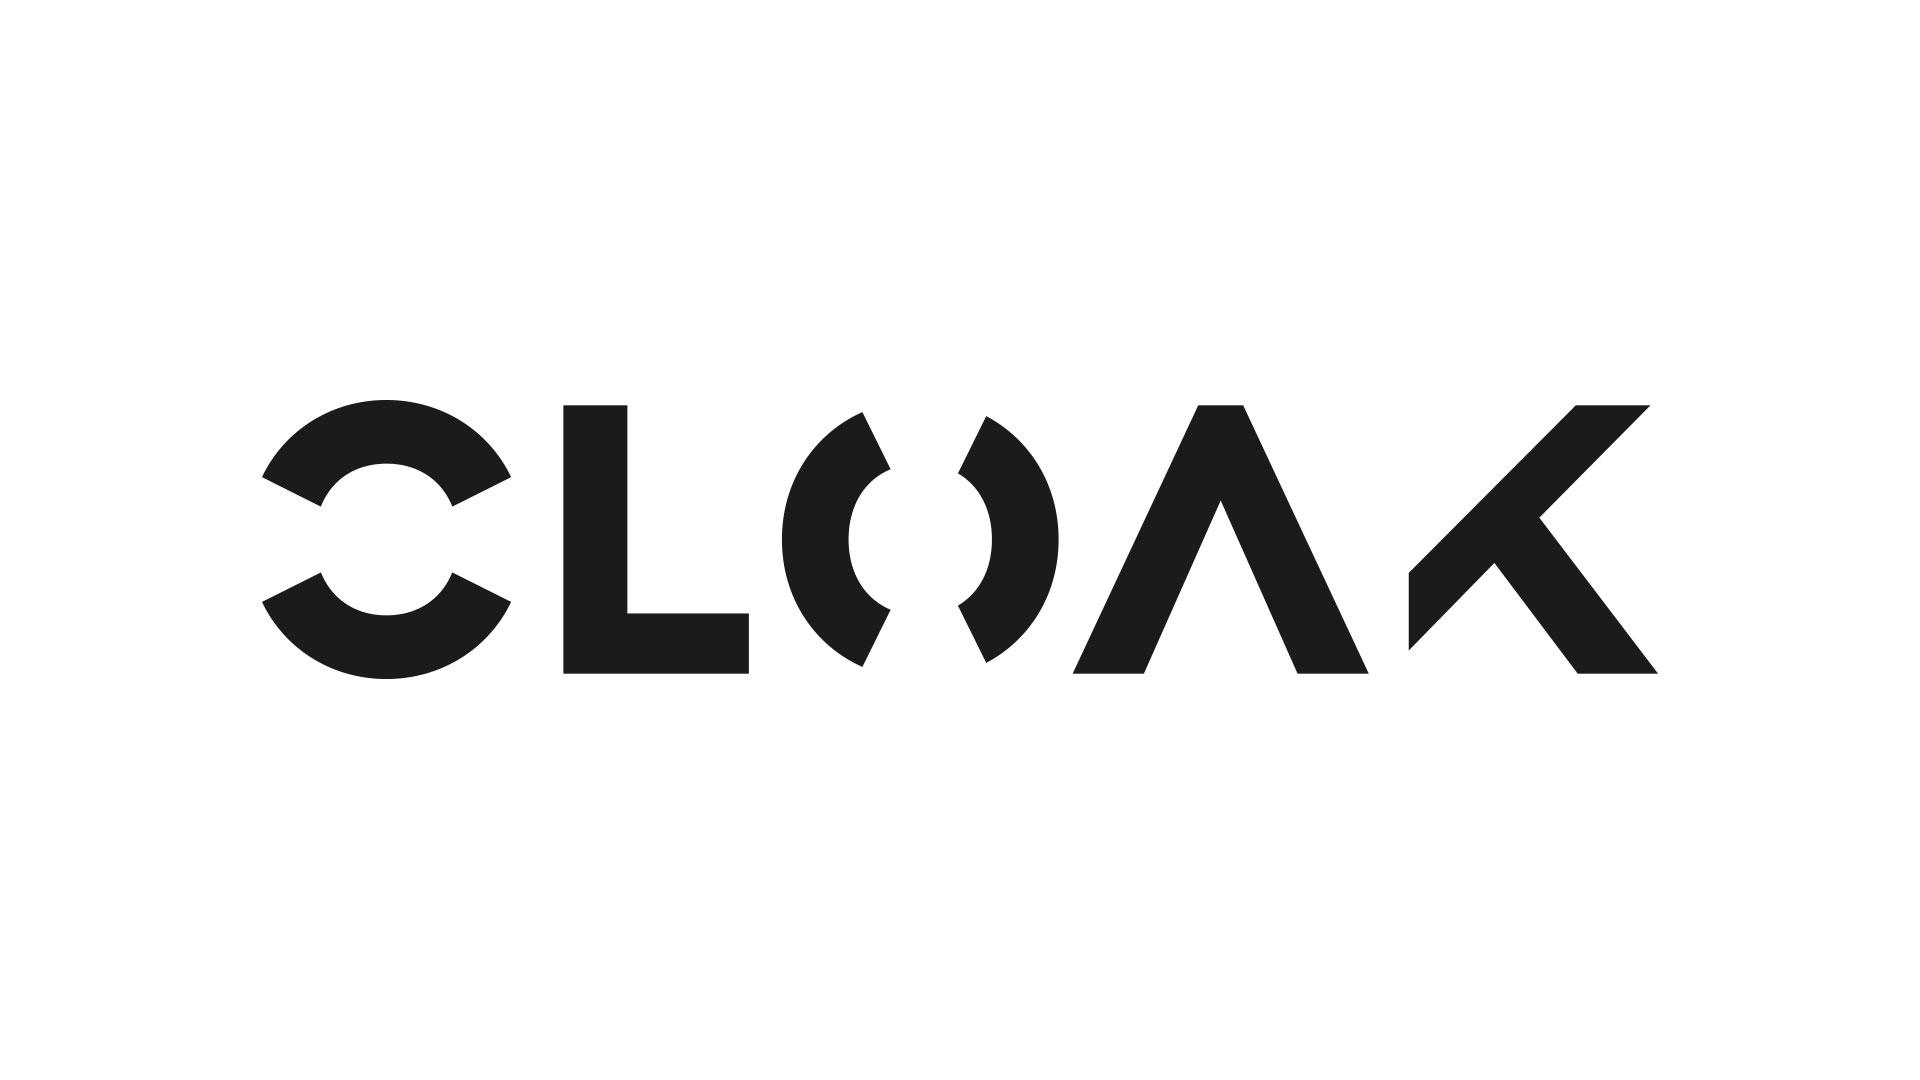 CLOAK_Logotype_heavy